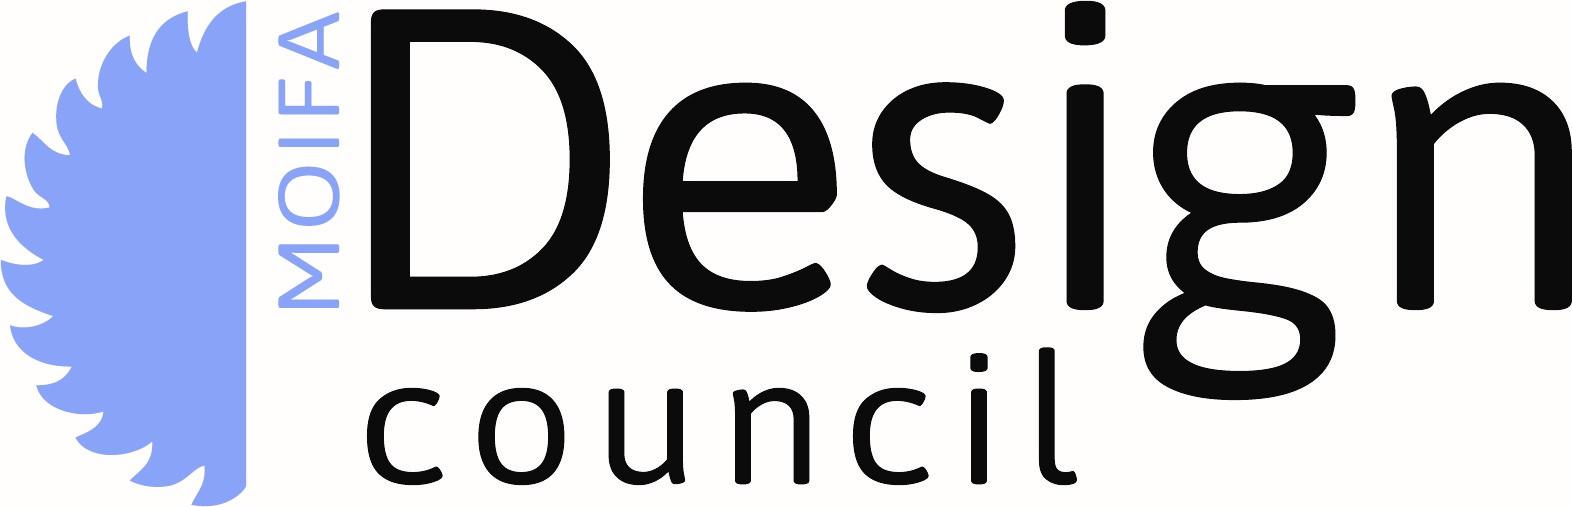 MOIFA Design Council